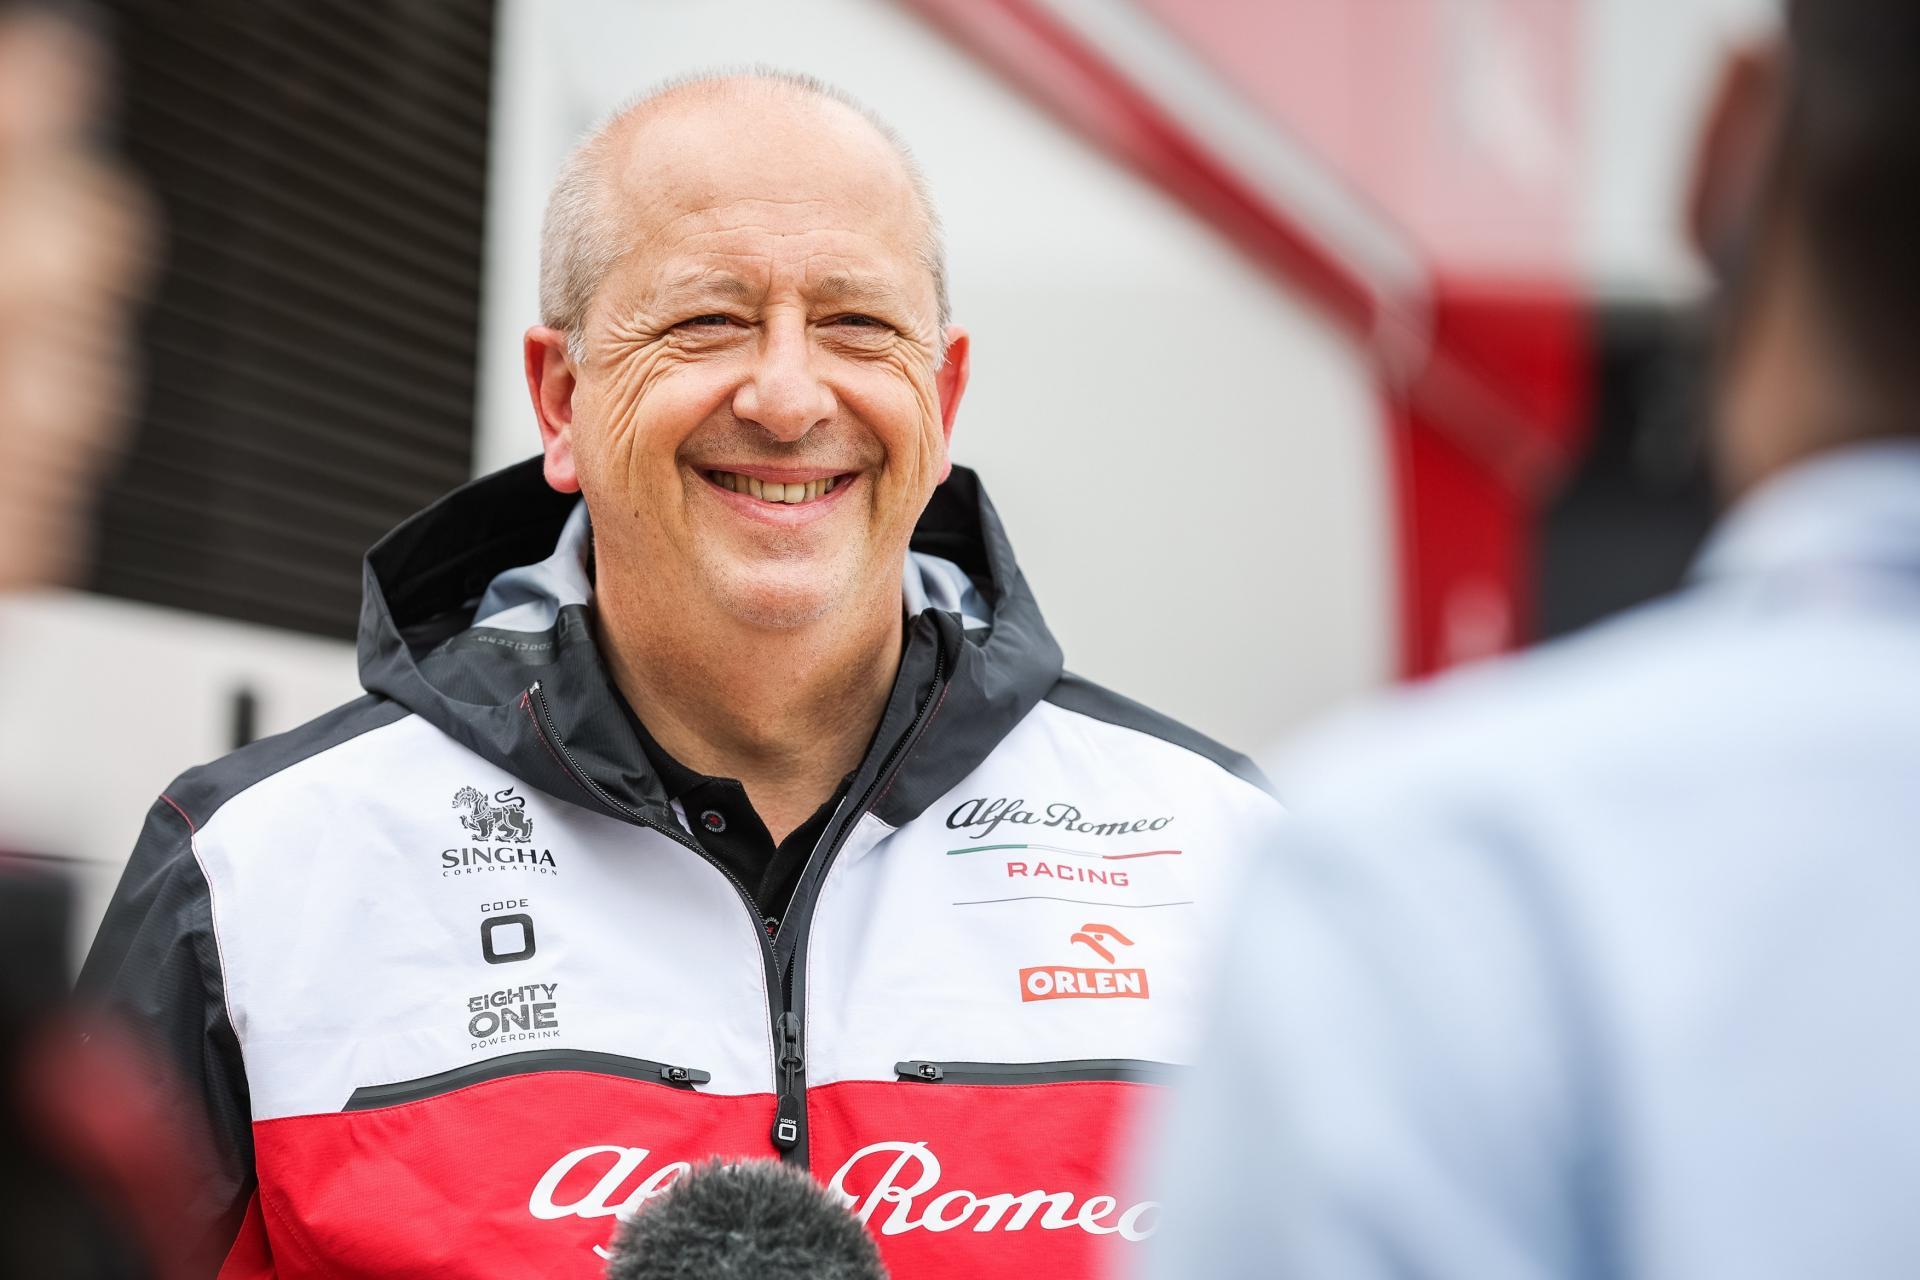 """Жан-Филип Импарато без влакно на јазикот: """"Продавам Alfa Romeo, а не автомобил завиткан околу iPad"""""""